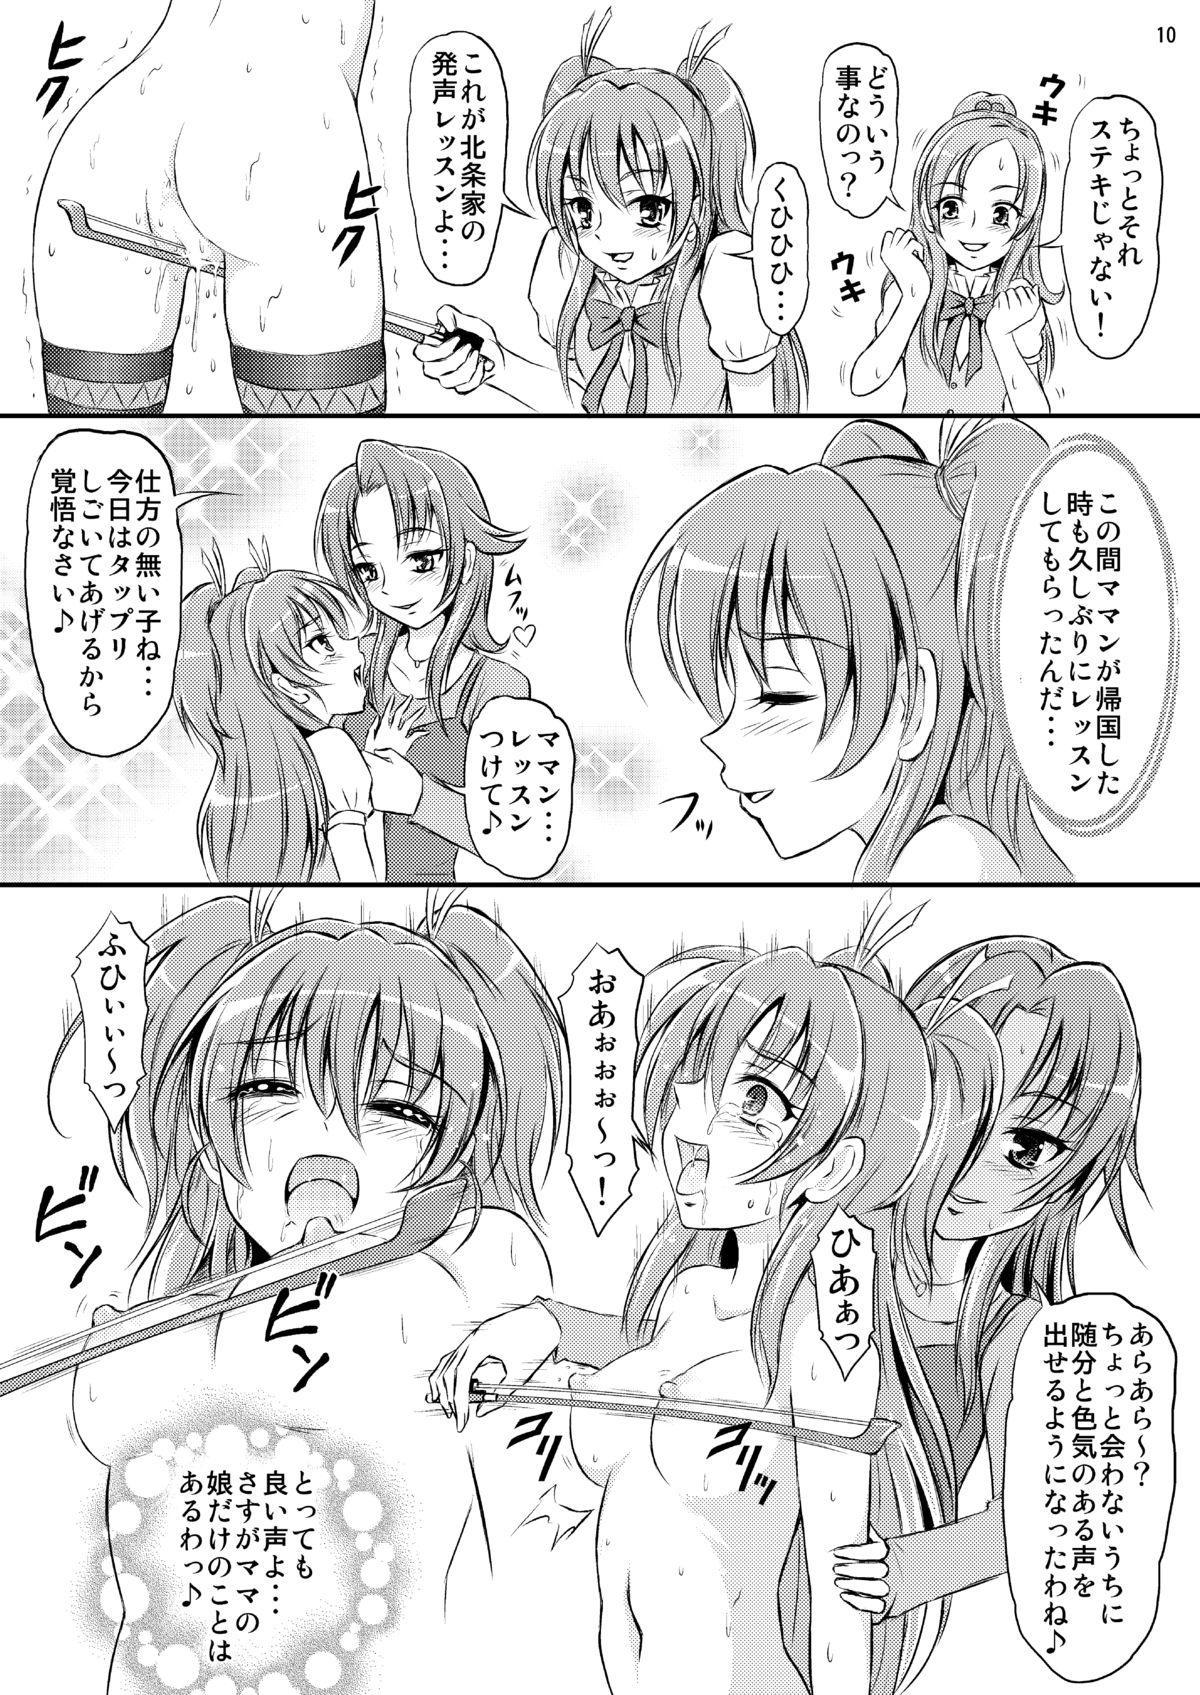 Watashi ha Neko ni Naritai 10